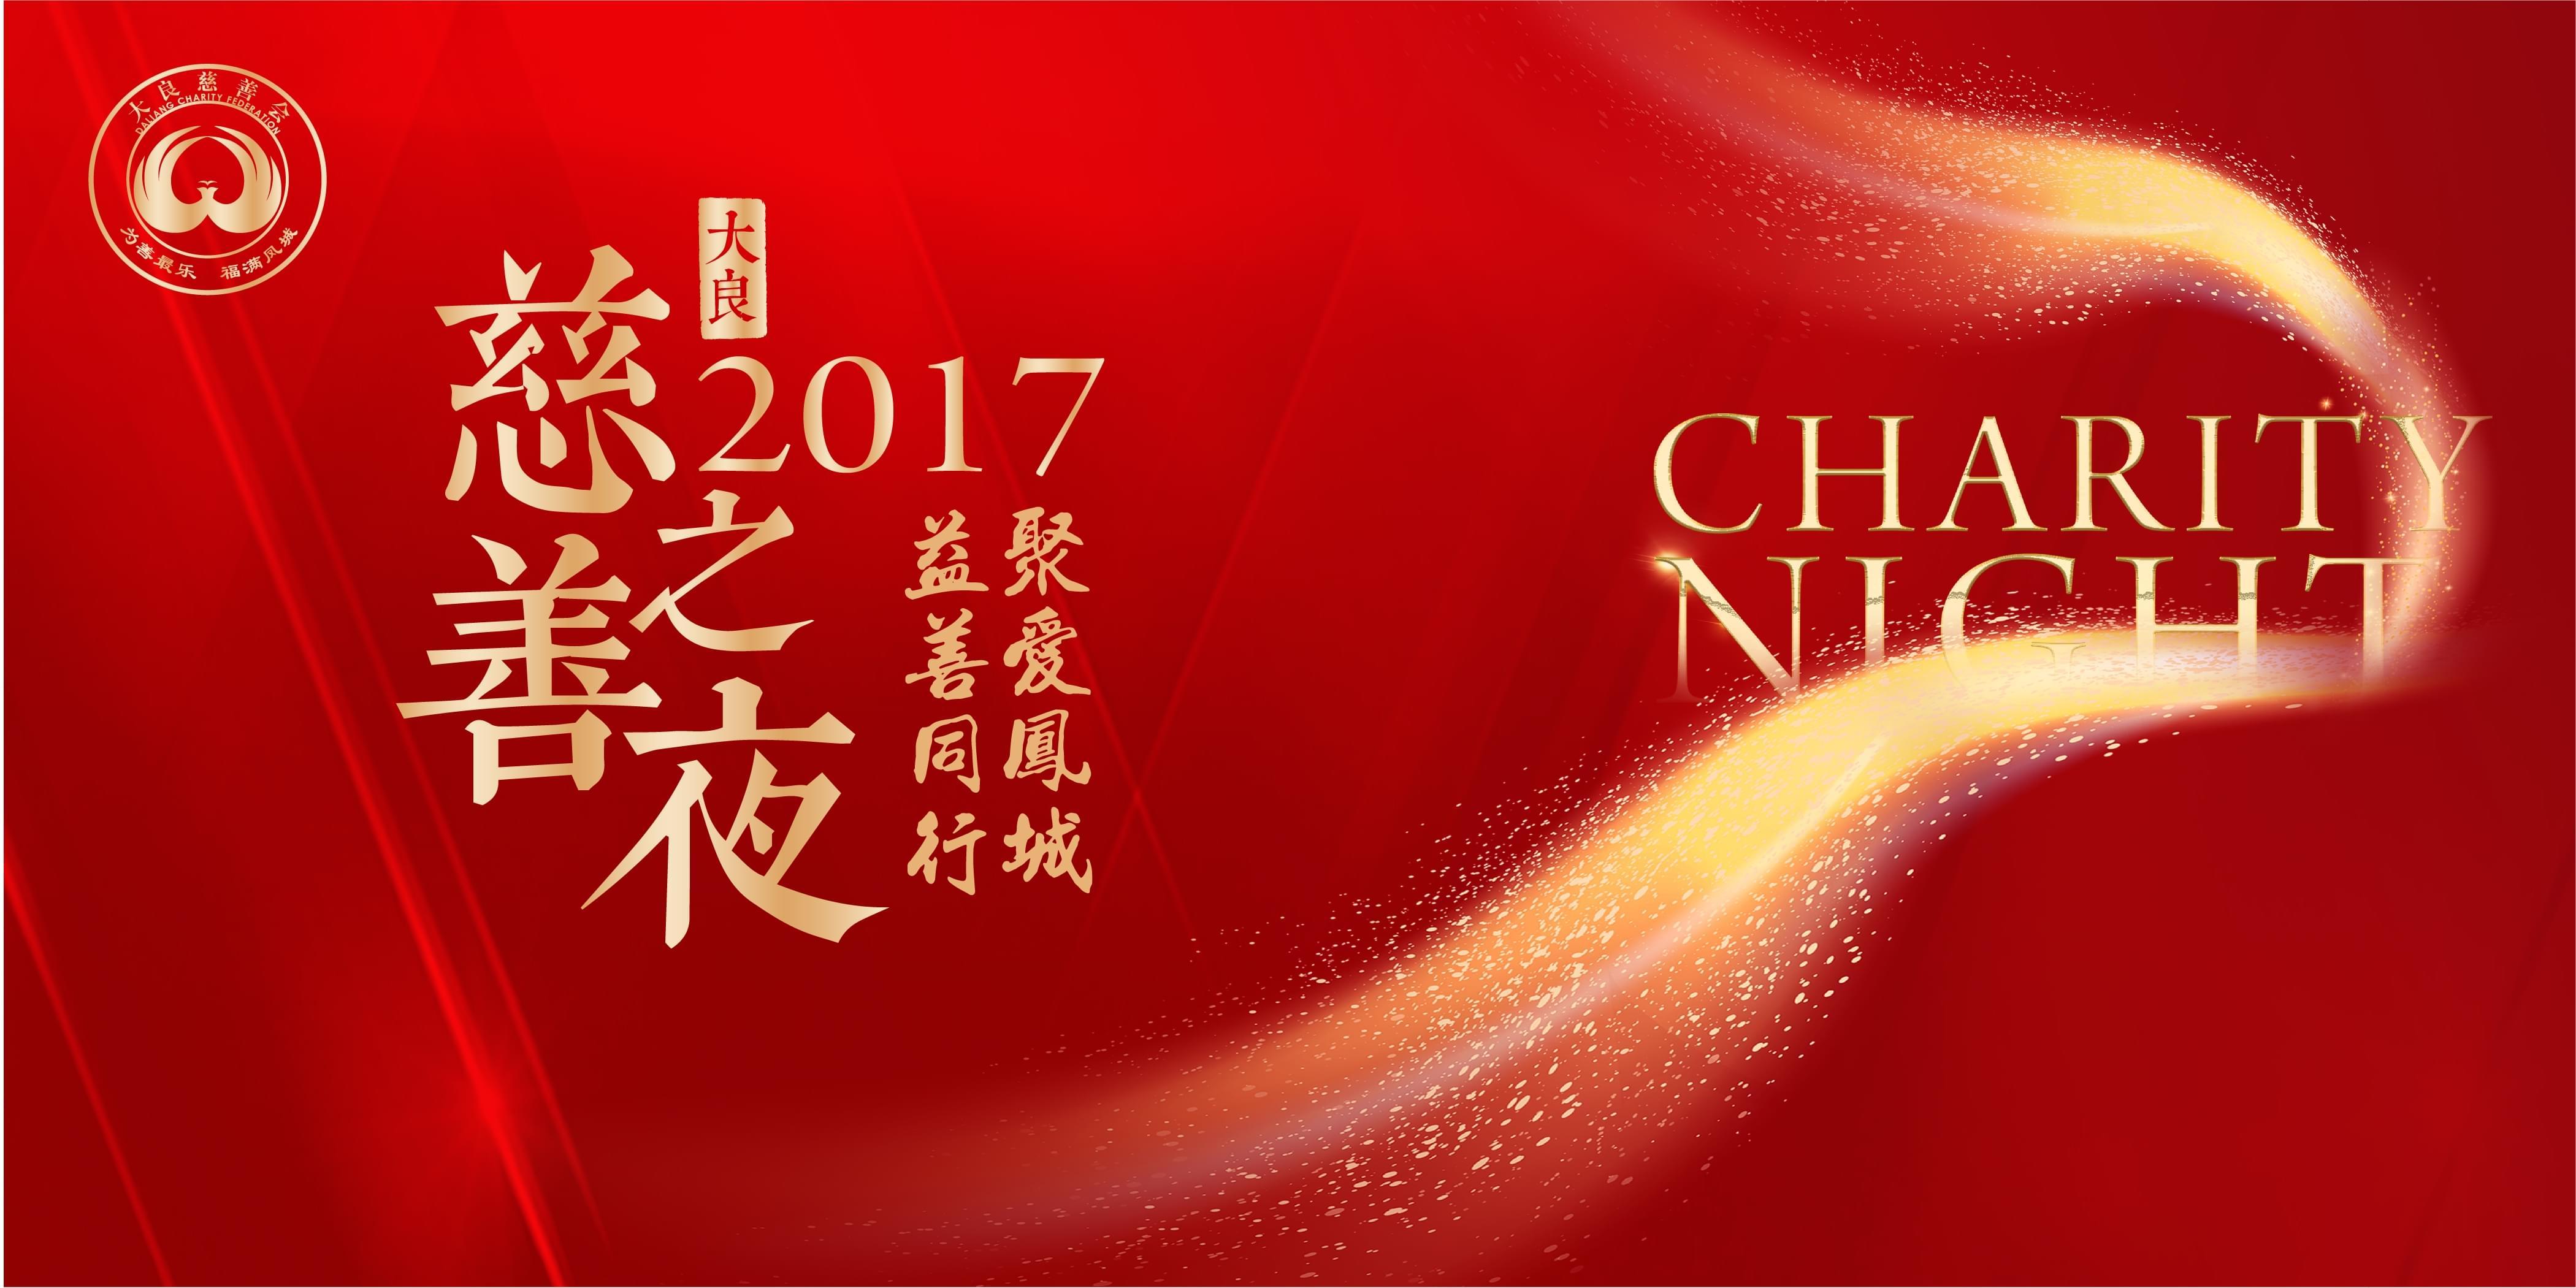 益善同行·聚爱凤城 2017年大良慈善之夜